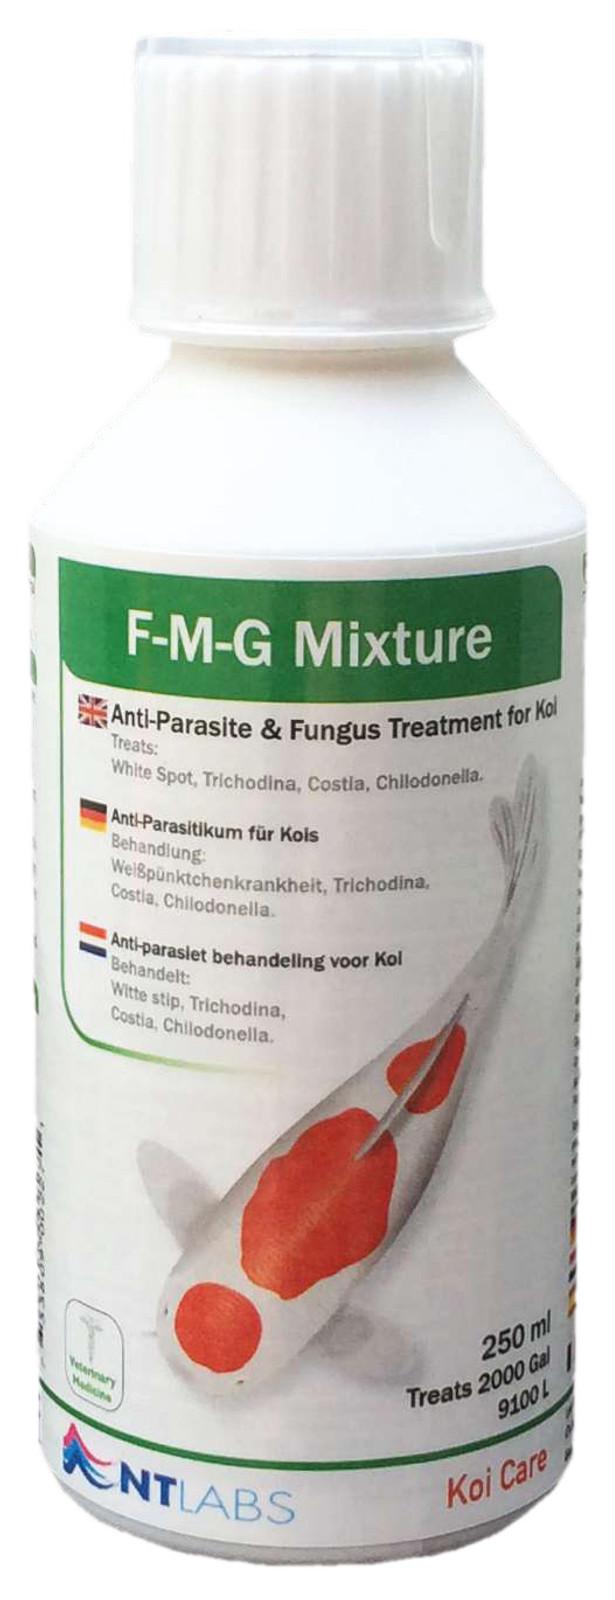 Koi Care F-M-G Mixture, 2.500 ml - Gegen Pilze und Parasiten